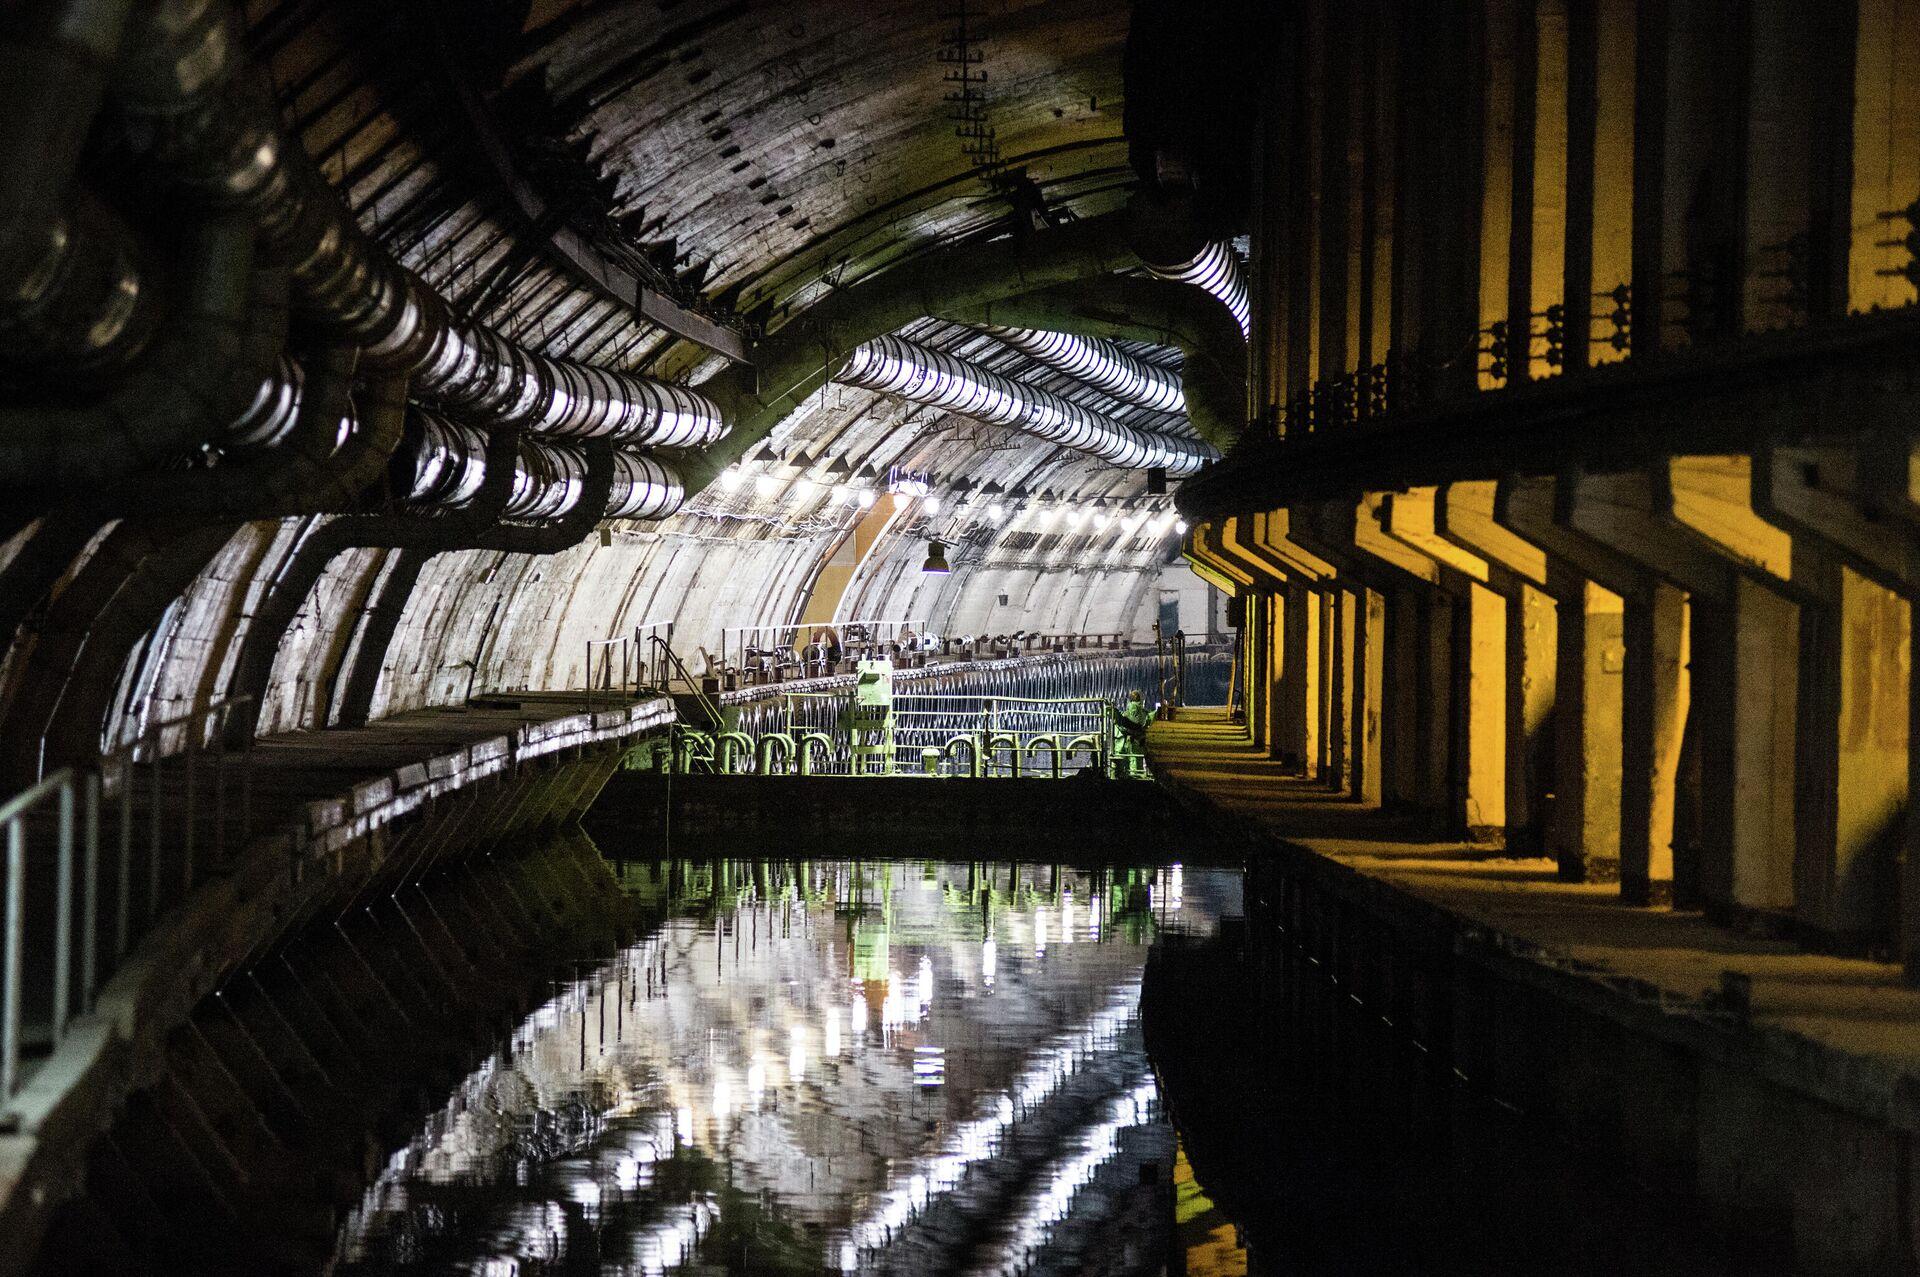 Сохранившиеся коммуникации в подземном канале объекта 825 ГТС в Балаклаве - РИА Новости, 1920, 20.10.2020